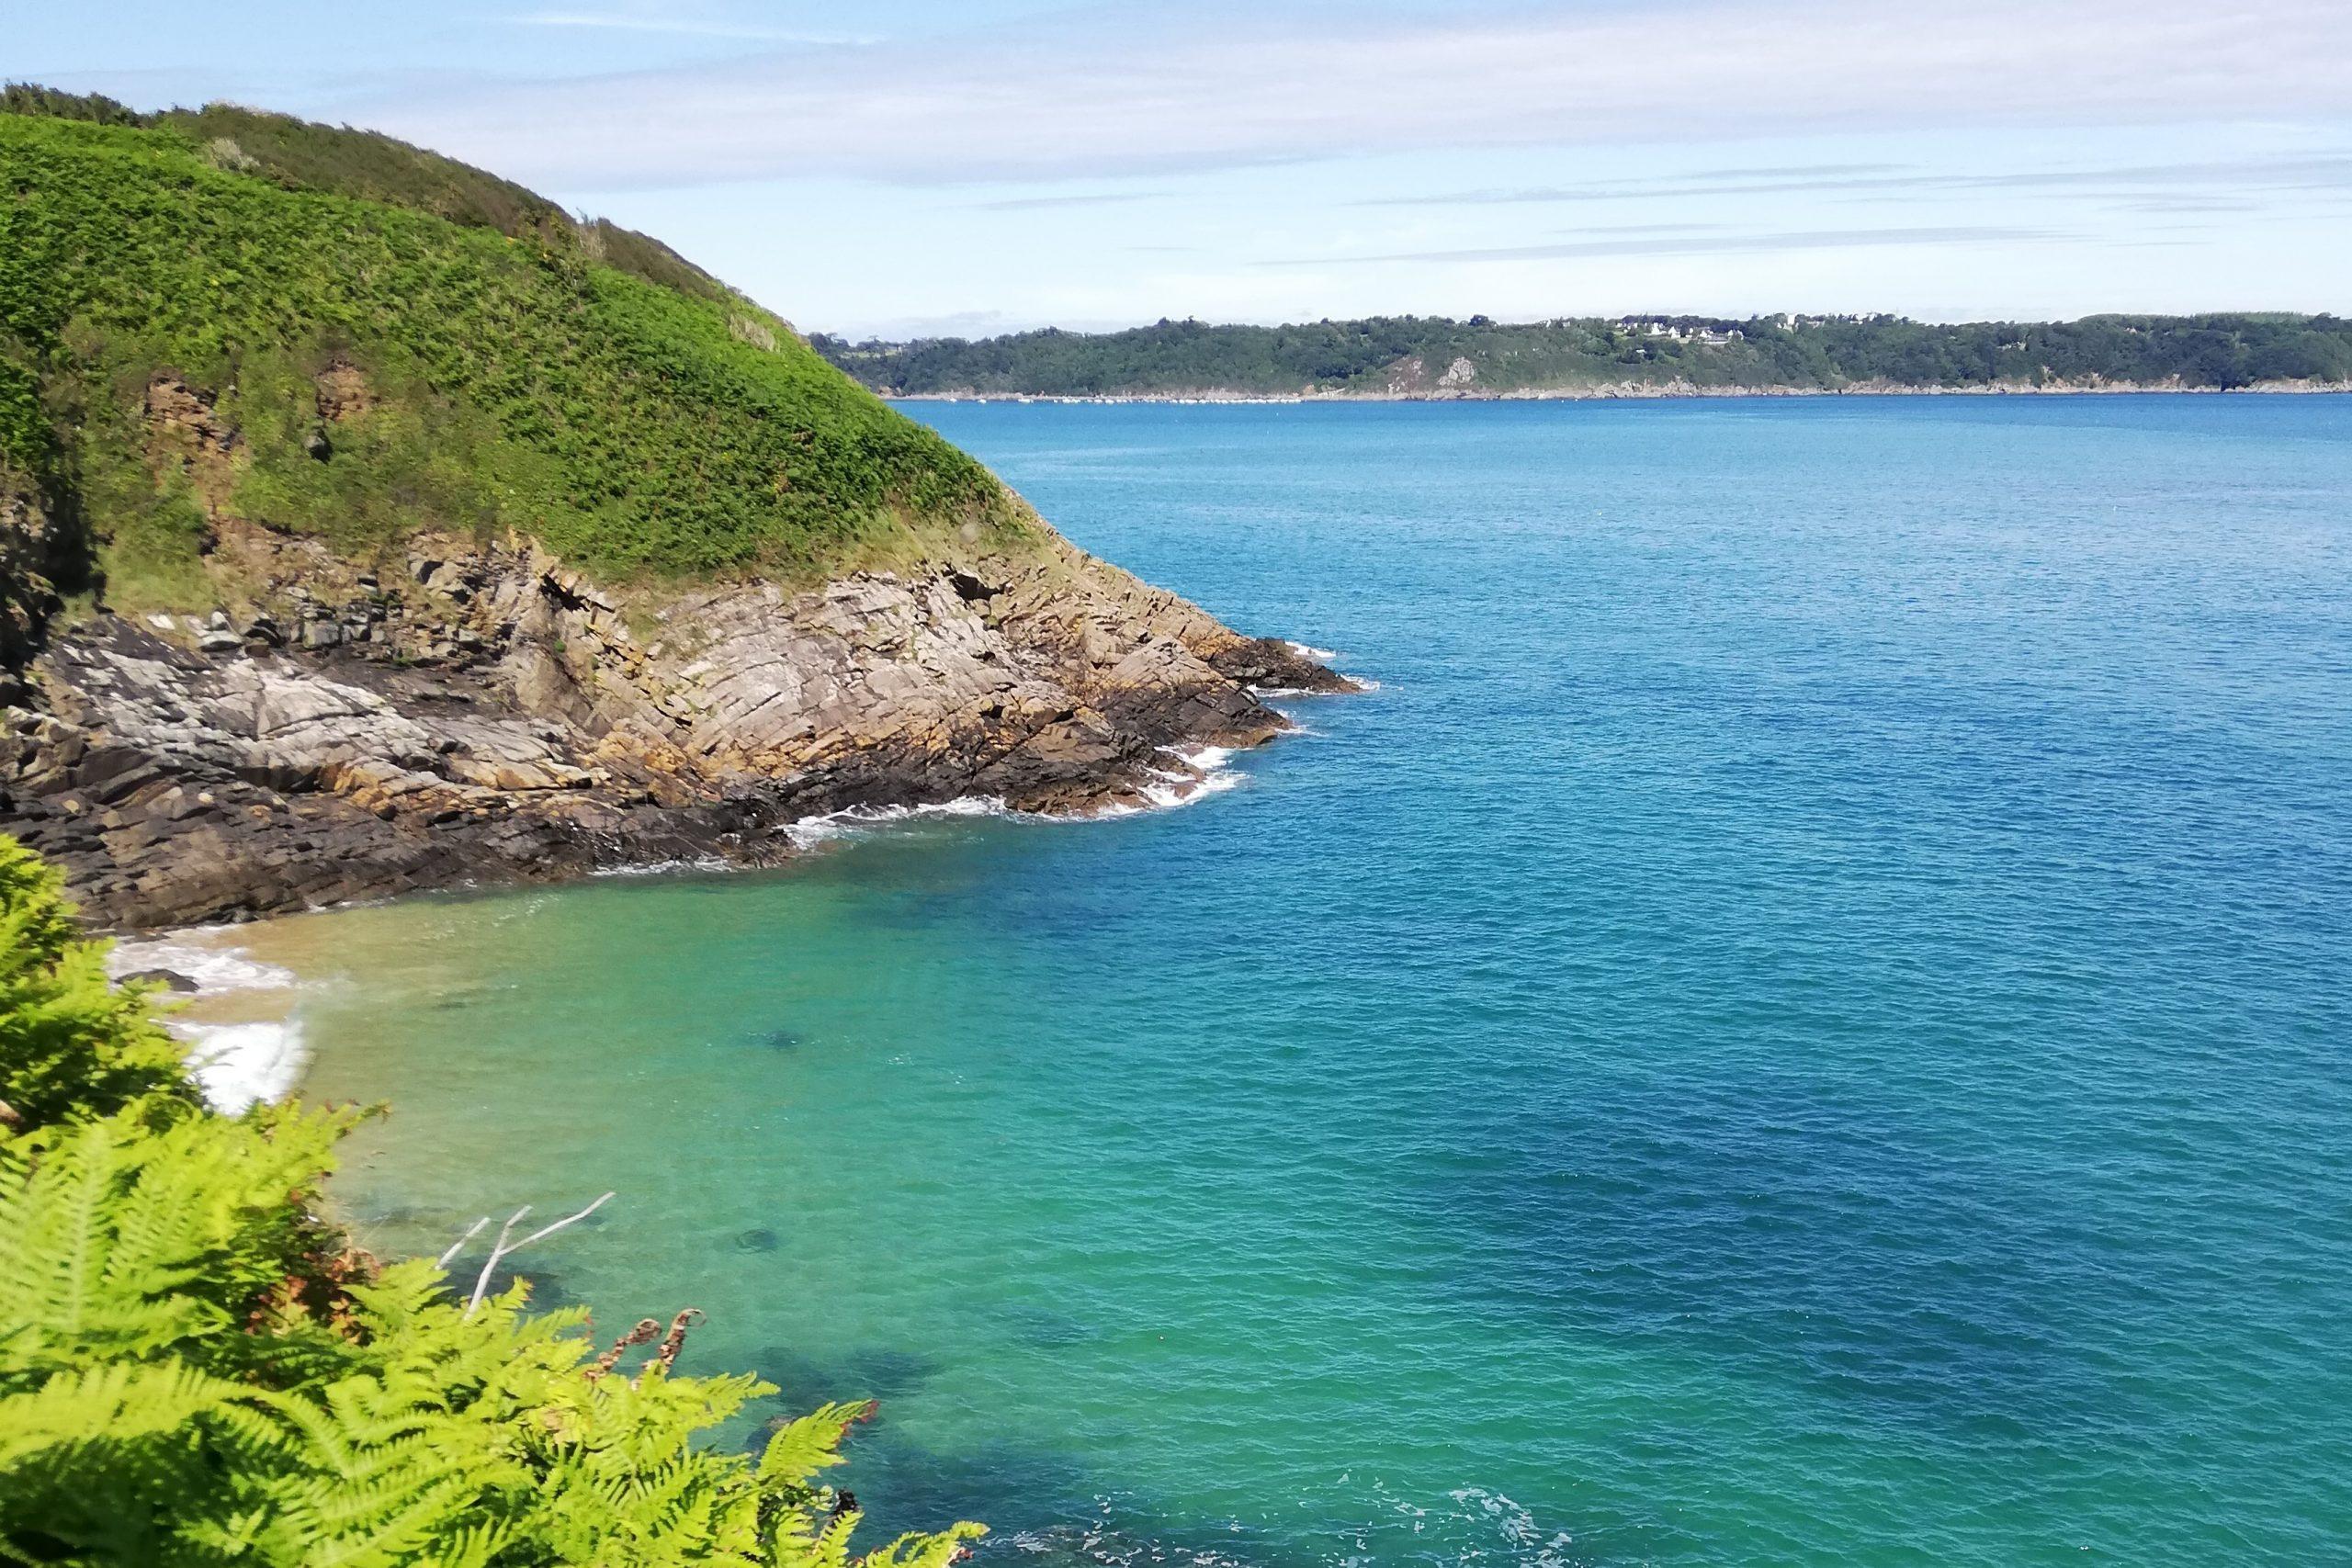 Wandelen langs de Smaragdkust in Bretagne